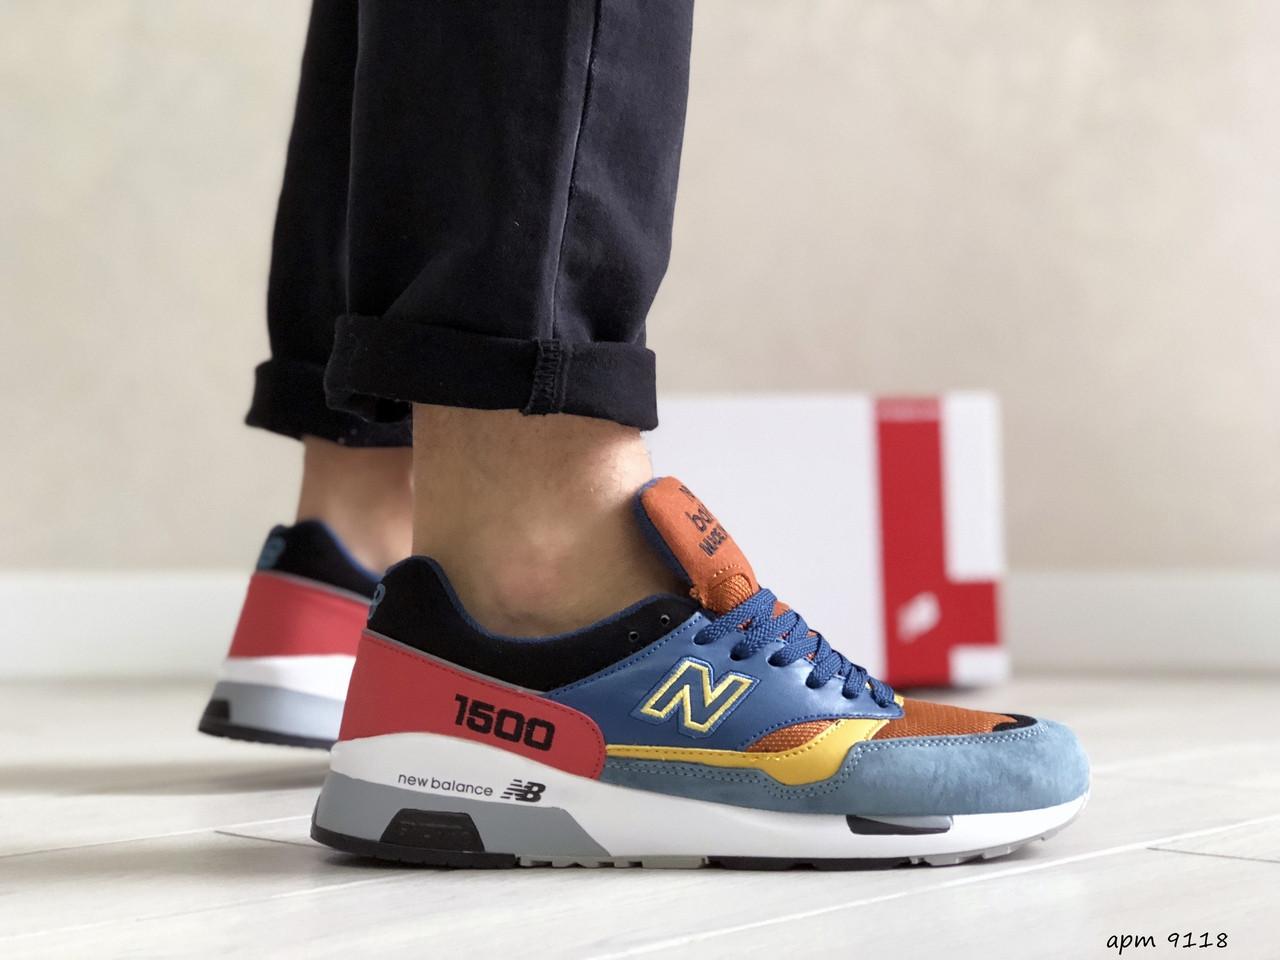 Чоловічі кросівки New Balance 1500 ВЕЛИКОБРИТАНІЯ (синьо-коричневі) 9118